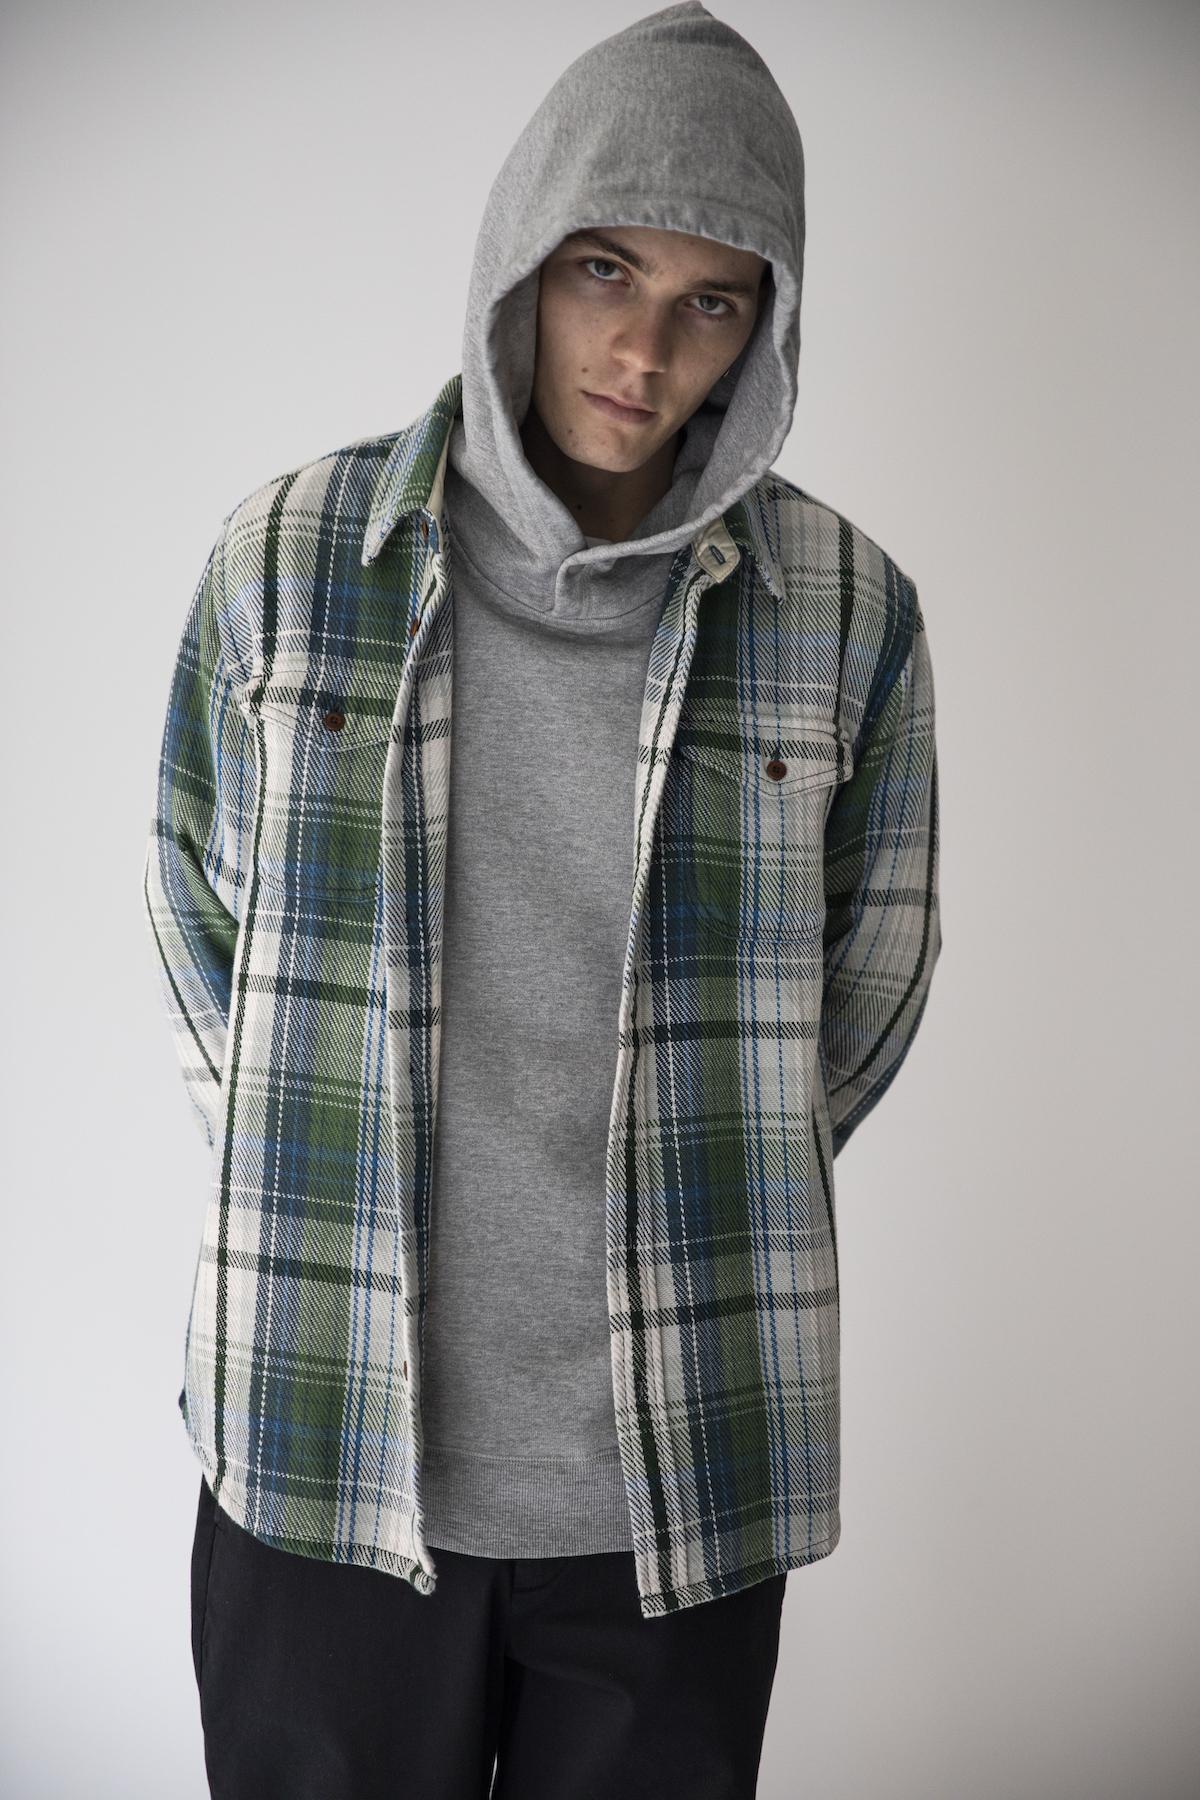 15_2 shirt¥26,000  hoodie¥16,000  tee¥9,000  pants¥19,000